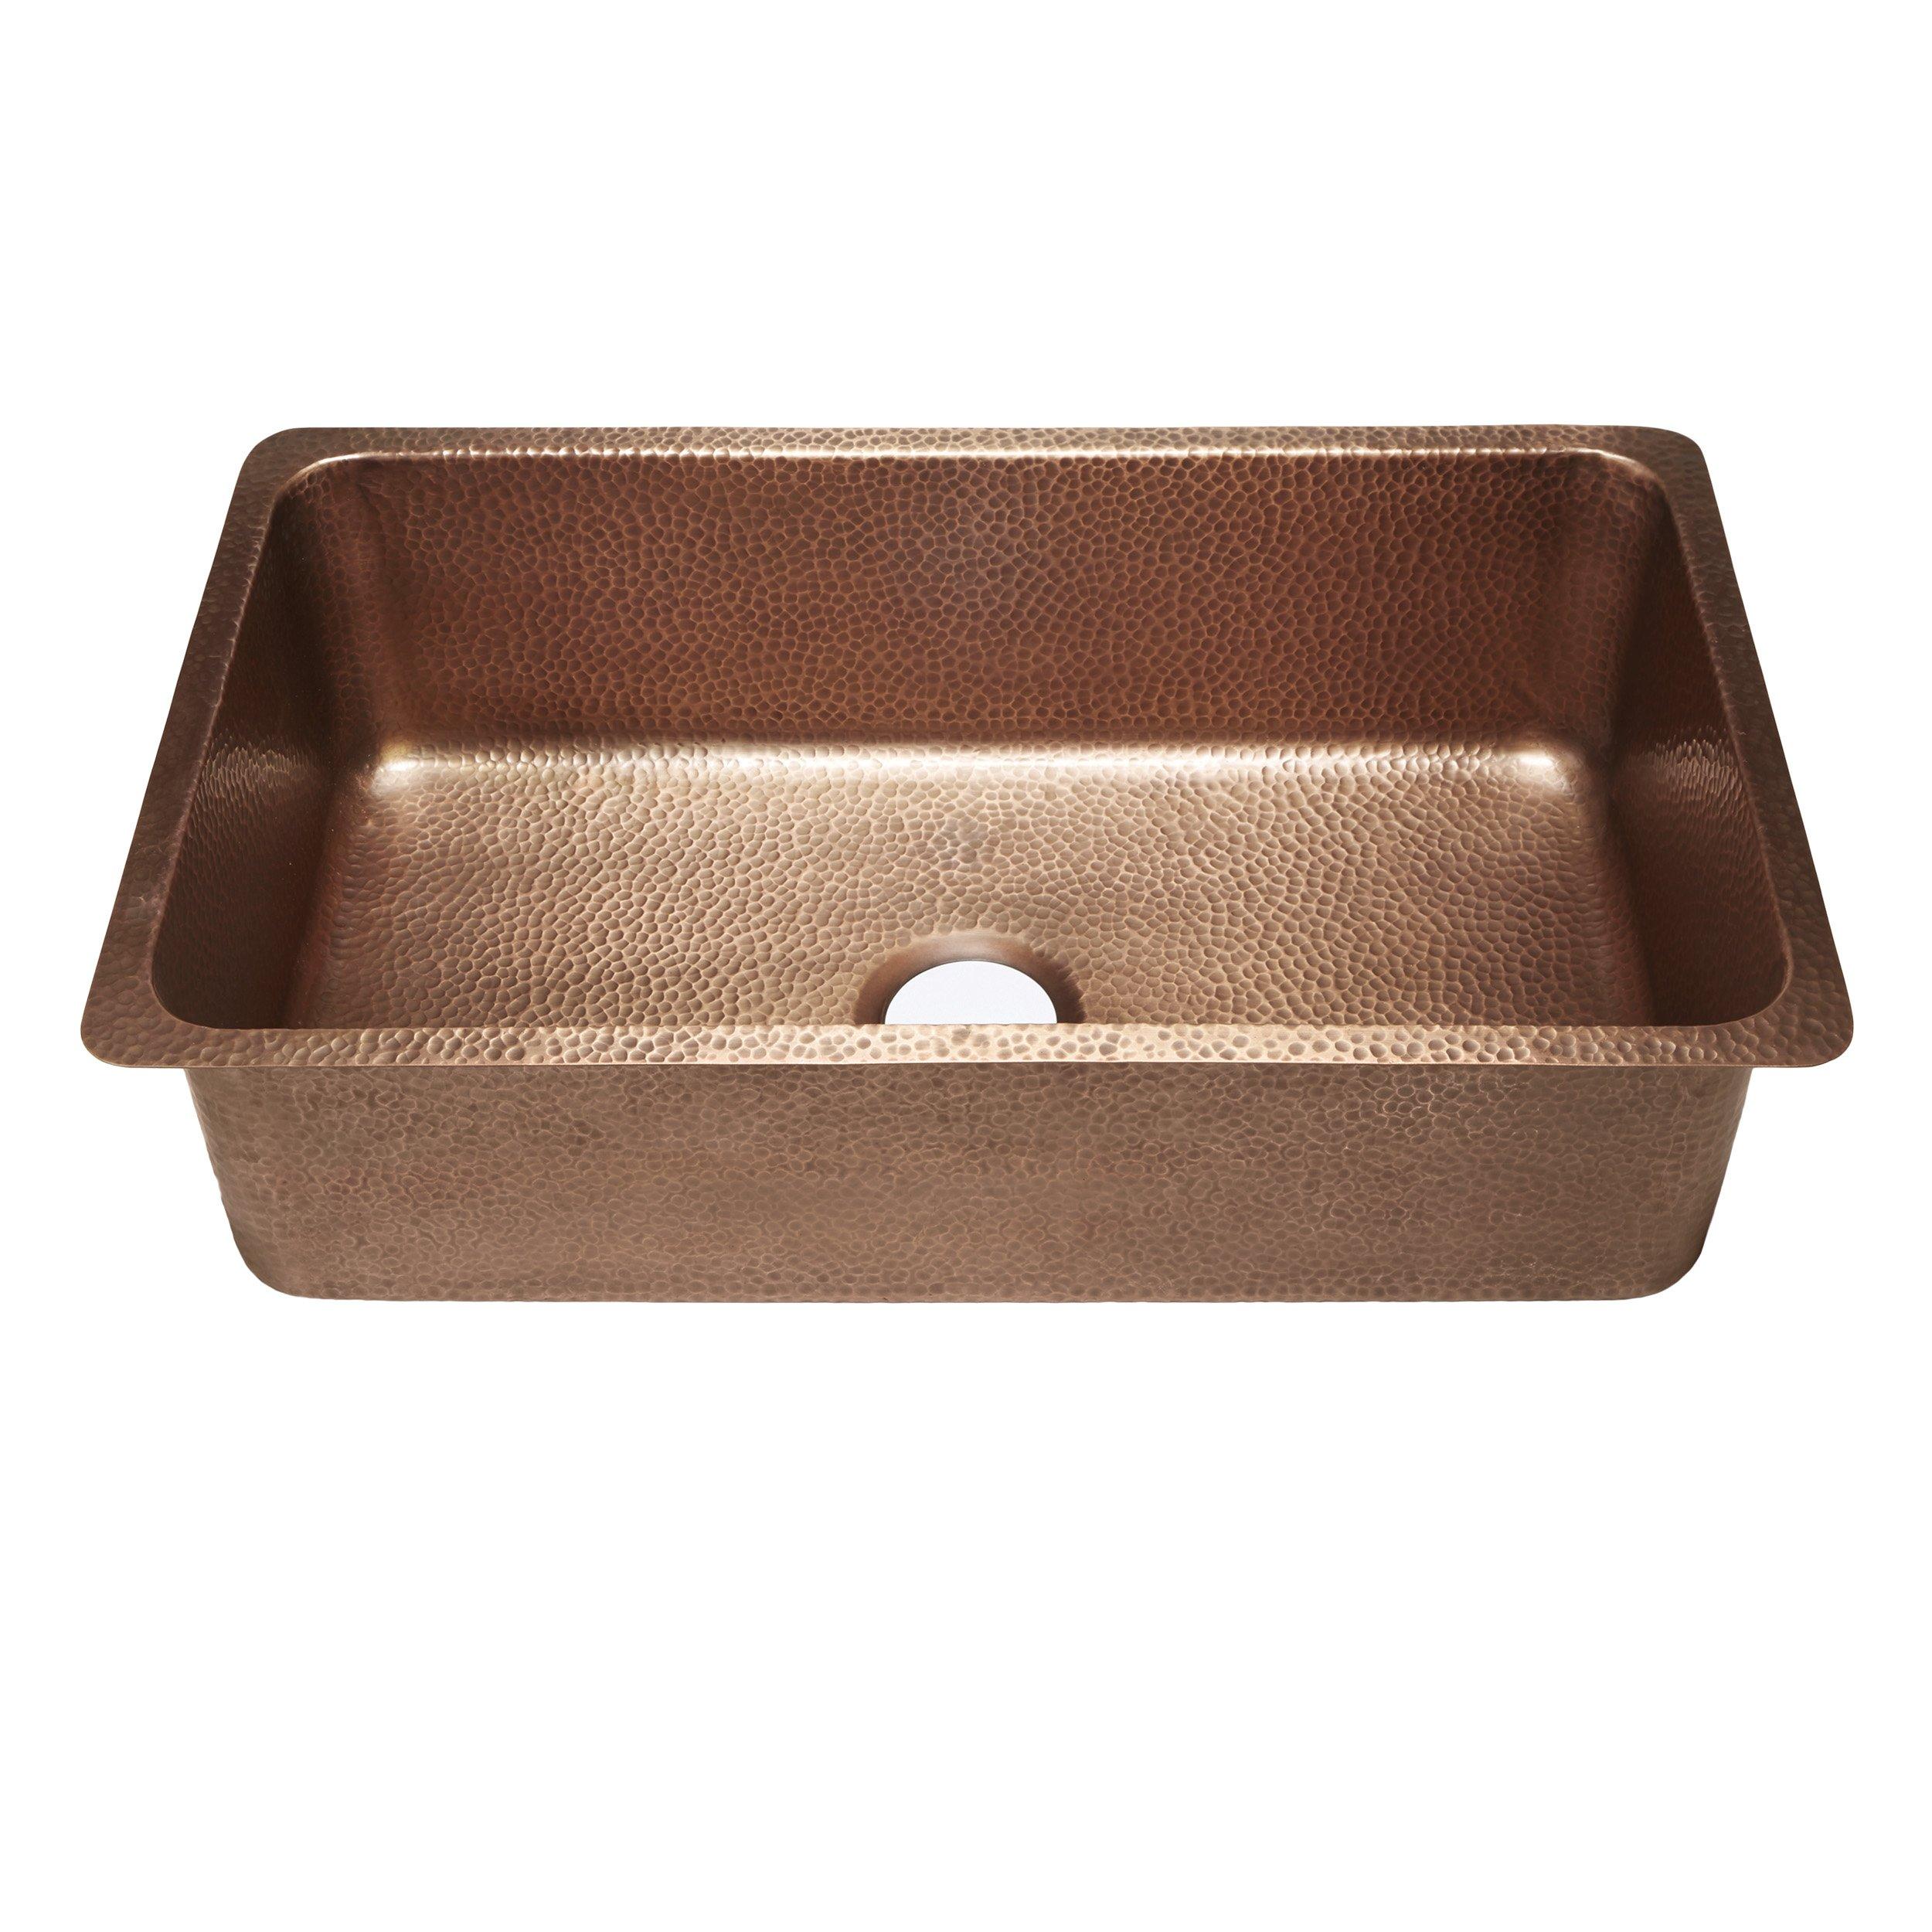 Sinkology SK203-31AC David Undermount Handmade Copper Sink 31-1/4'' Luxury Single Bowl Kitchen Sink, Antique Copper